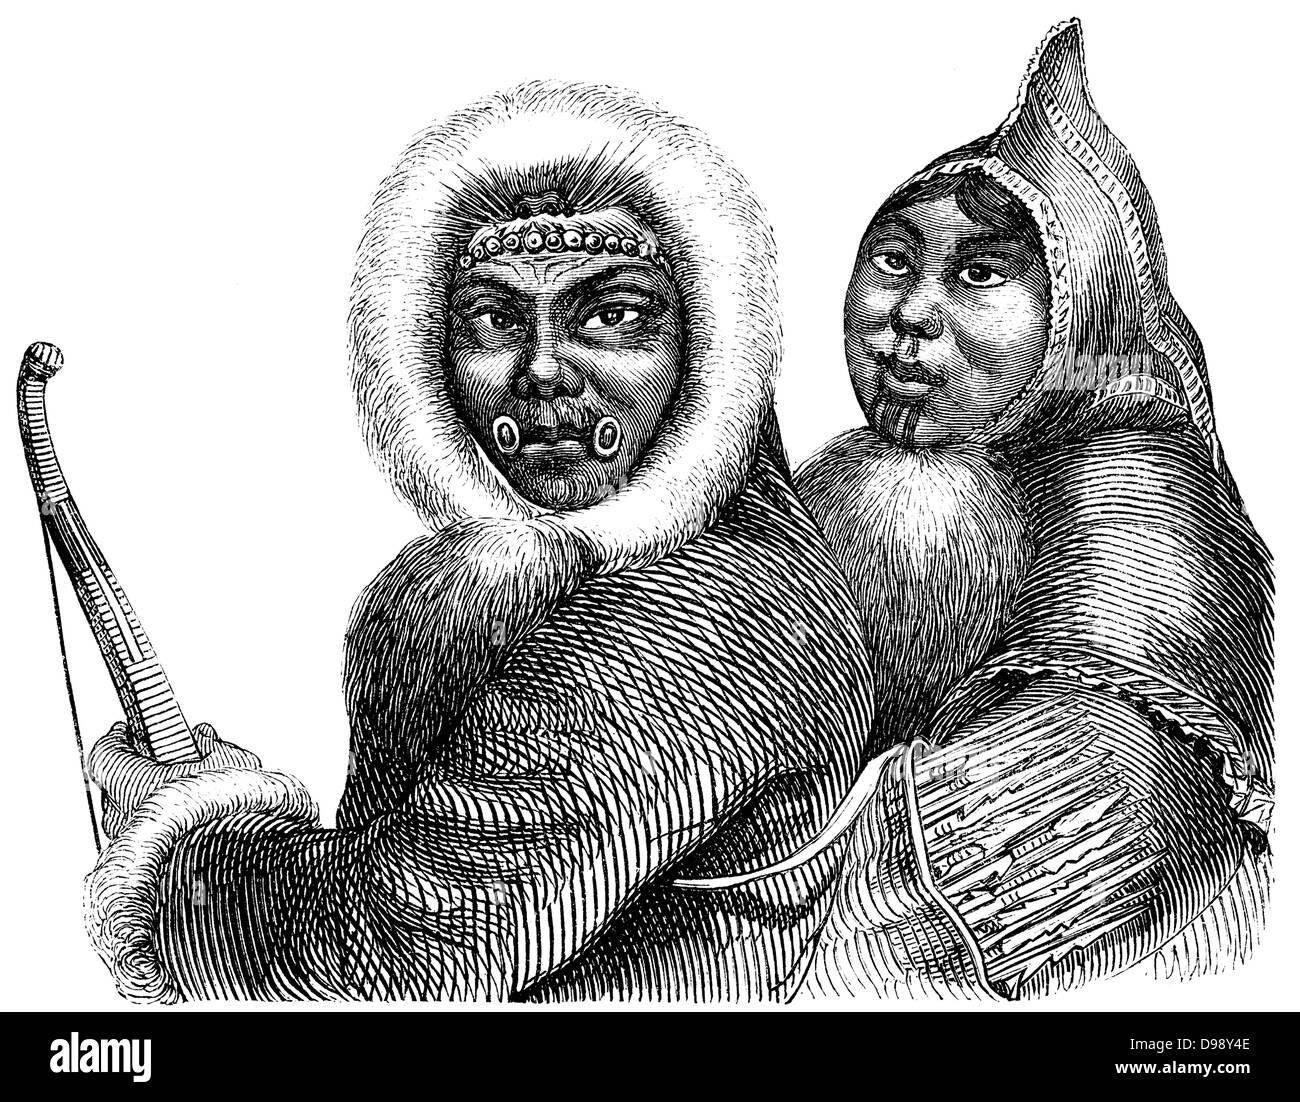 El pueblo inuit, la gente imagen desde el siglo XIX, 1864, Alemania, Europa Imagen De Stock